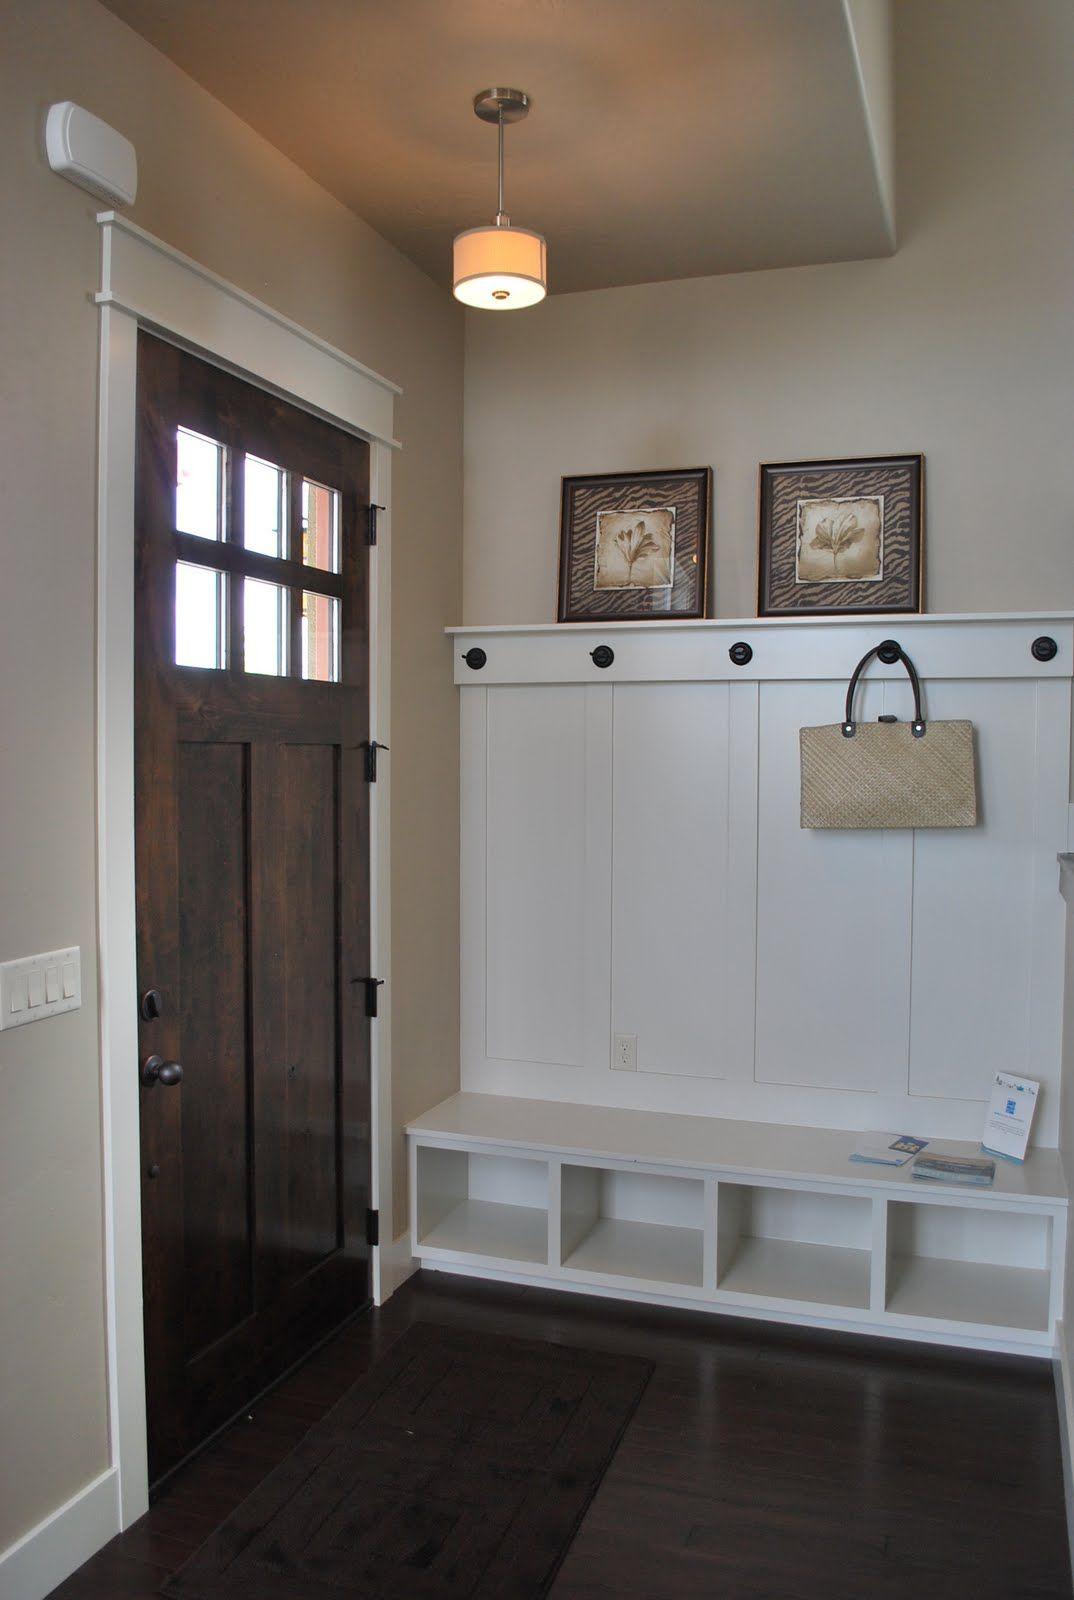 pin von melissa linehan auf home sweet home pinterest flure garderoben und ikea flur. Black Bedroom Furniture Sets. Home Design Ideas